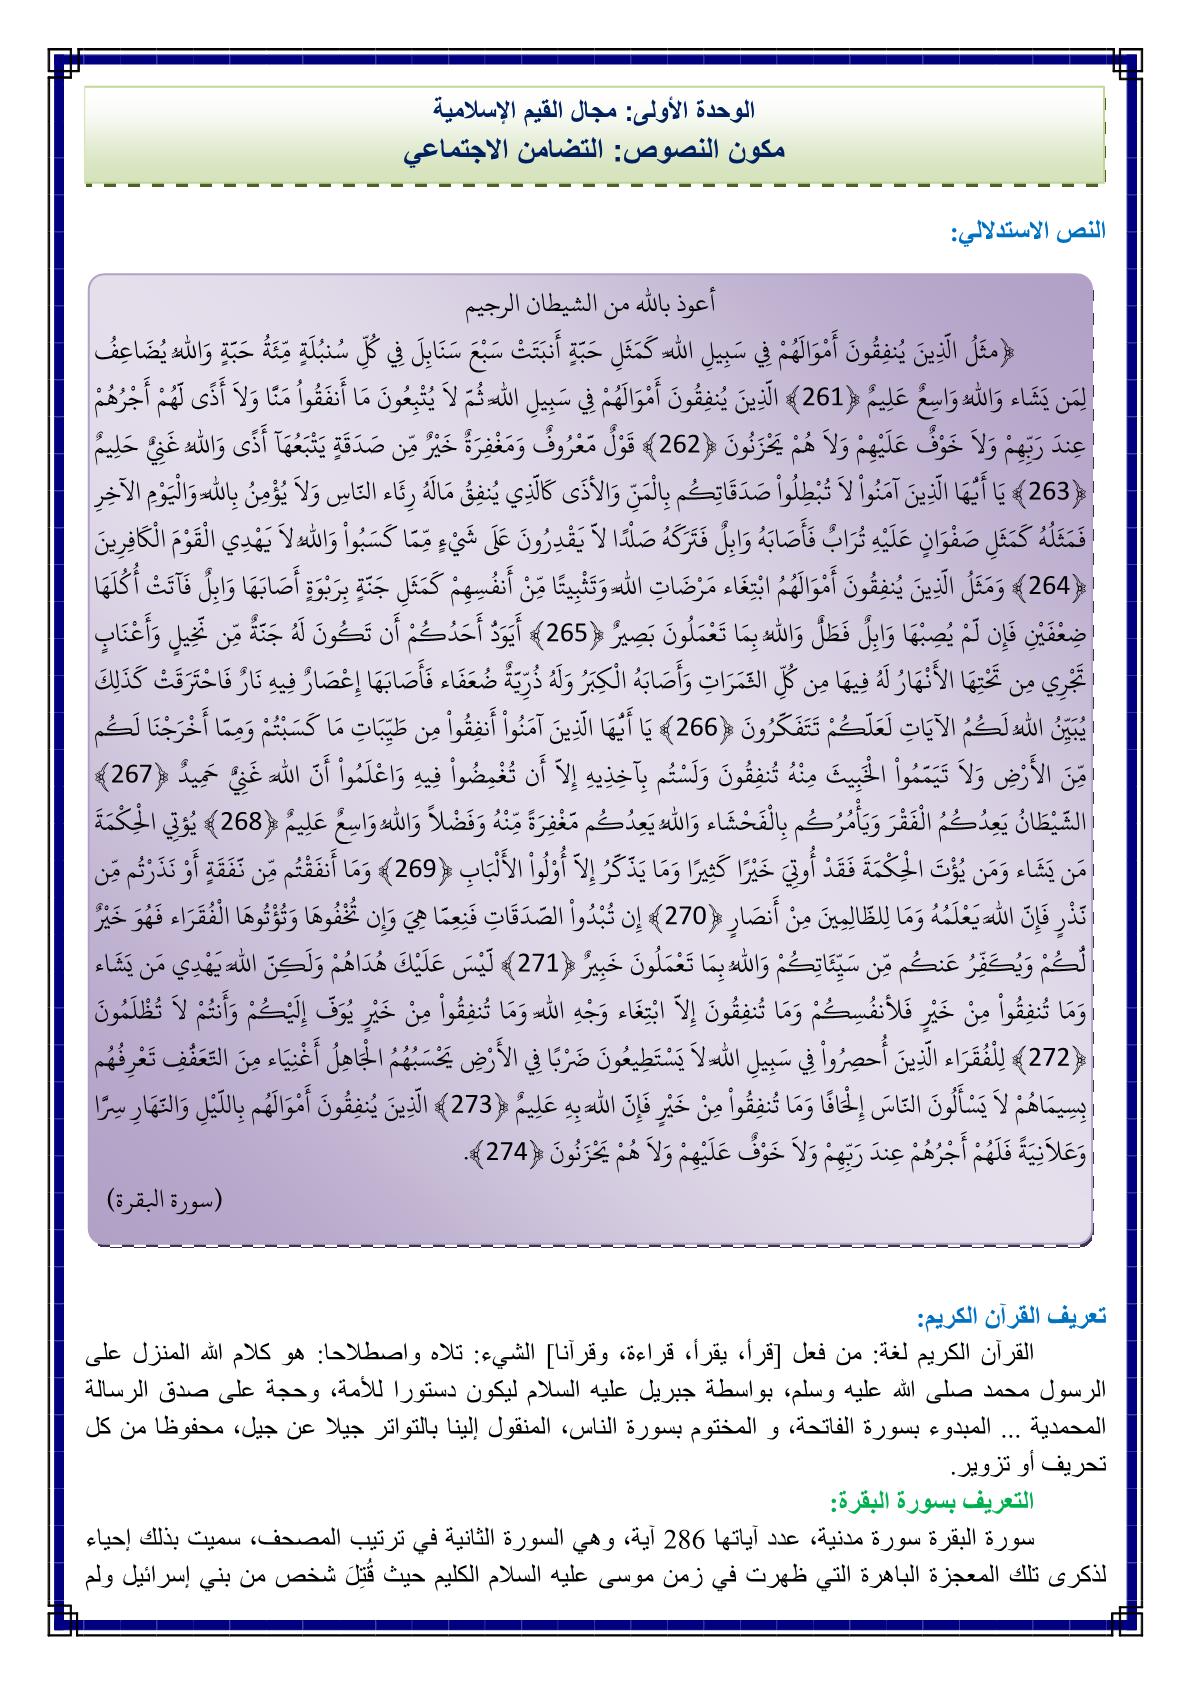 درس التضامن الاجتماعي مادة اللغة العربية للسنة الثانية اعدادي